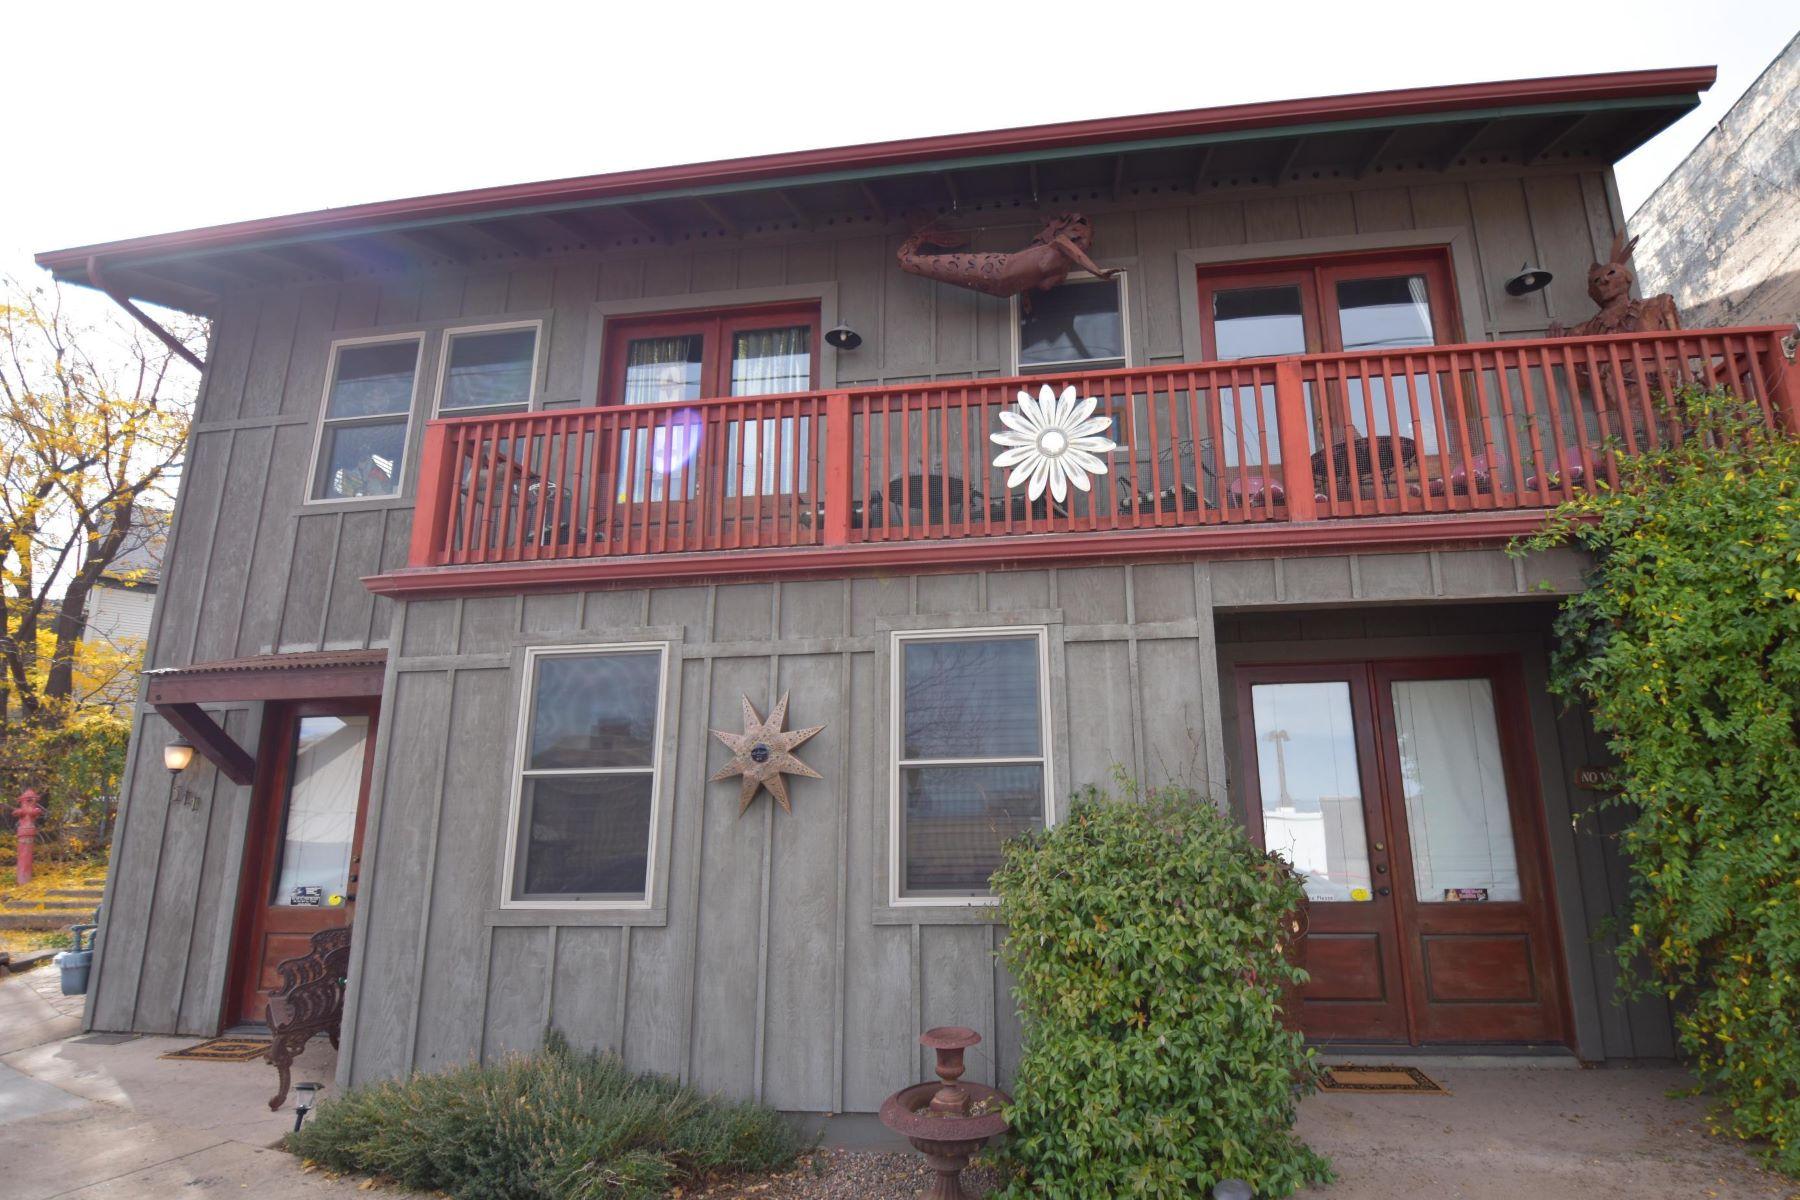 Casa Unifamiliar por un Venta en Stunning Jerome Home 511 School St, Jerome, Arizona, 86331 Estados Unidos